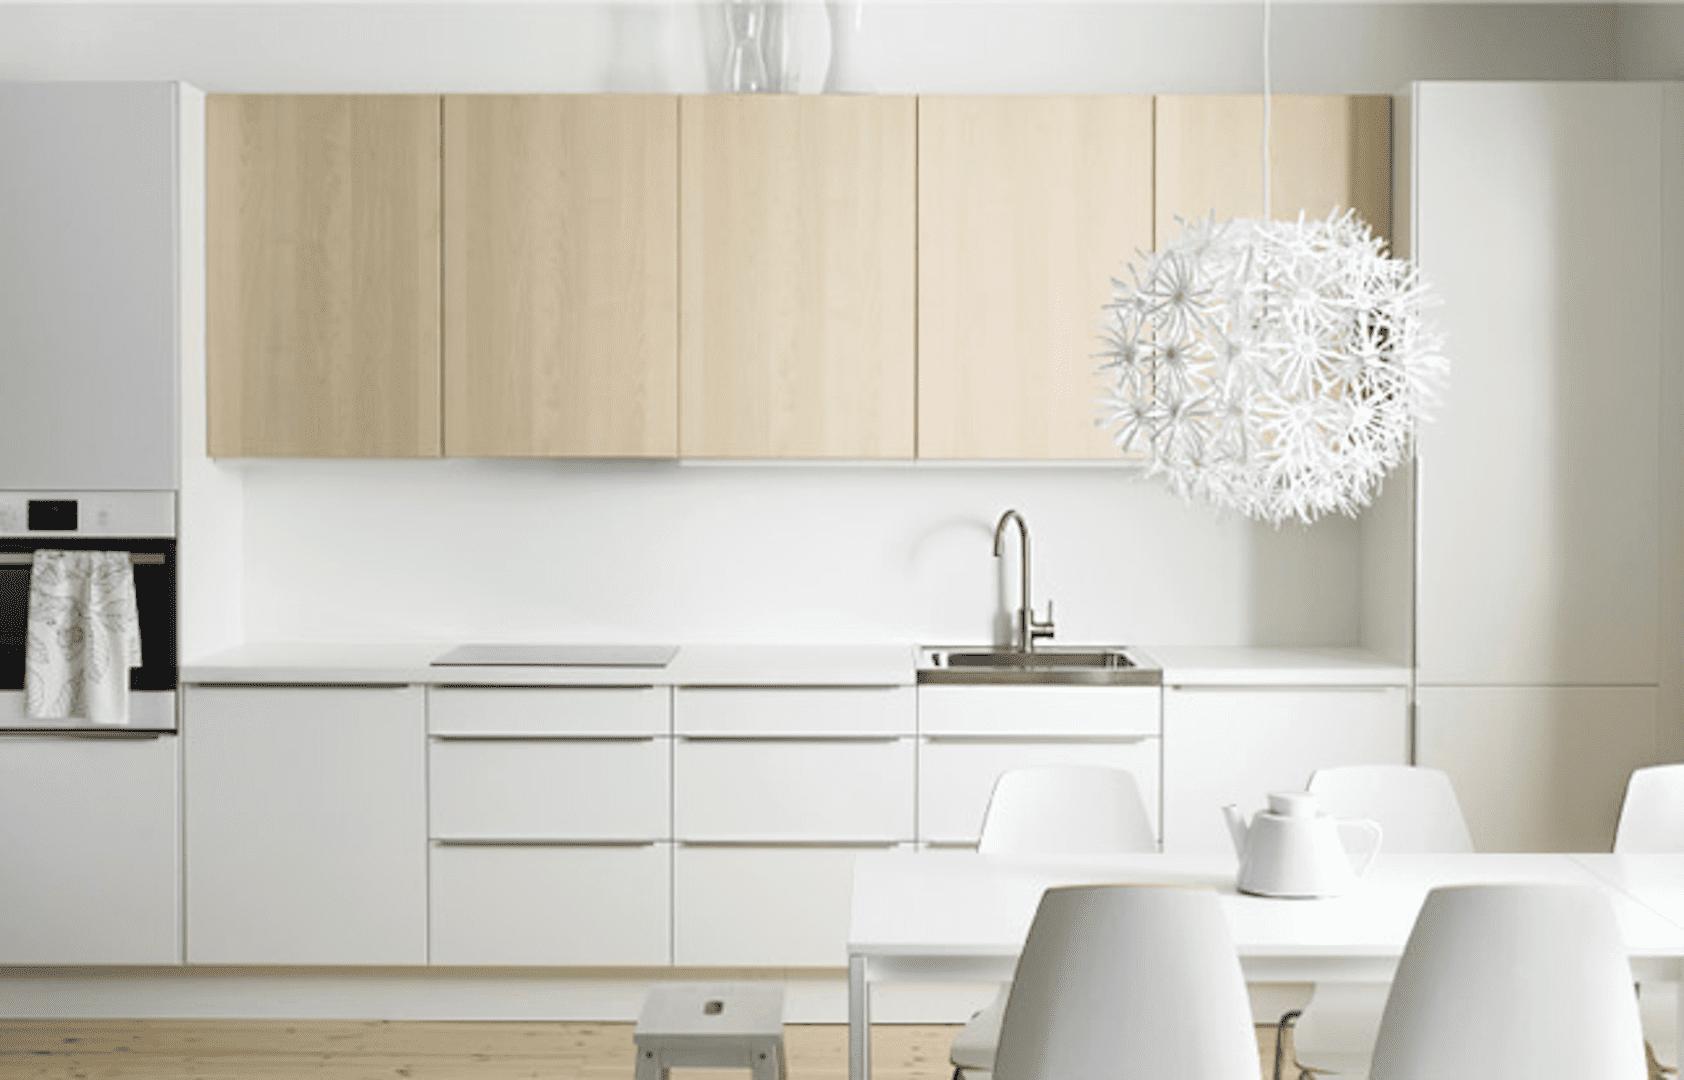 Cocinas para agrandarlas eleige muebles en colores claros - Materiales para muebles de cocina ...